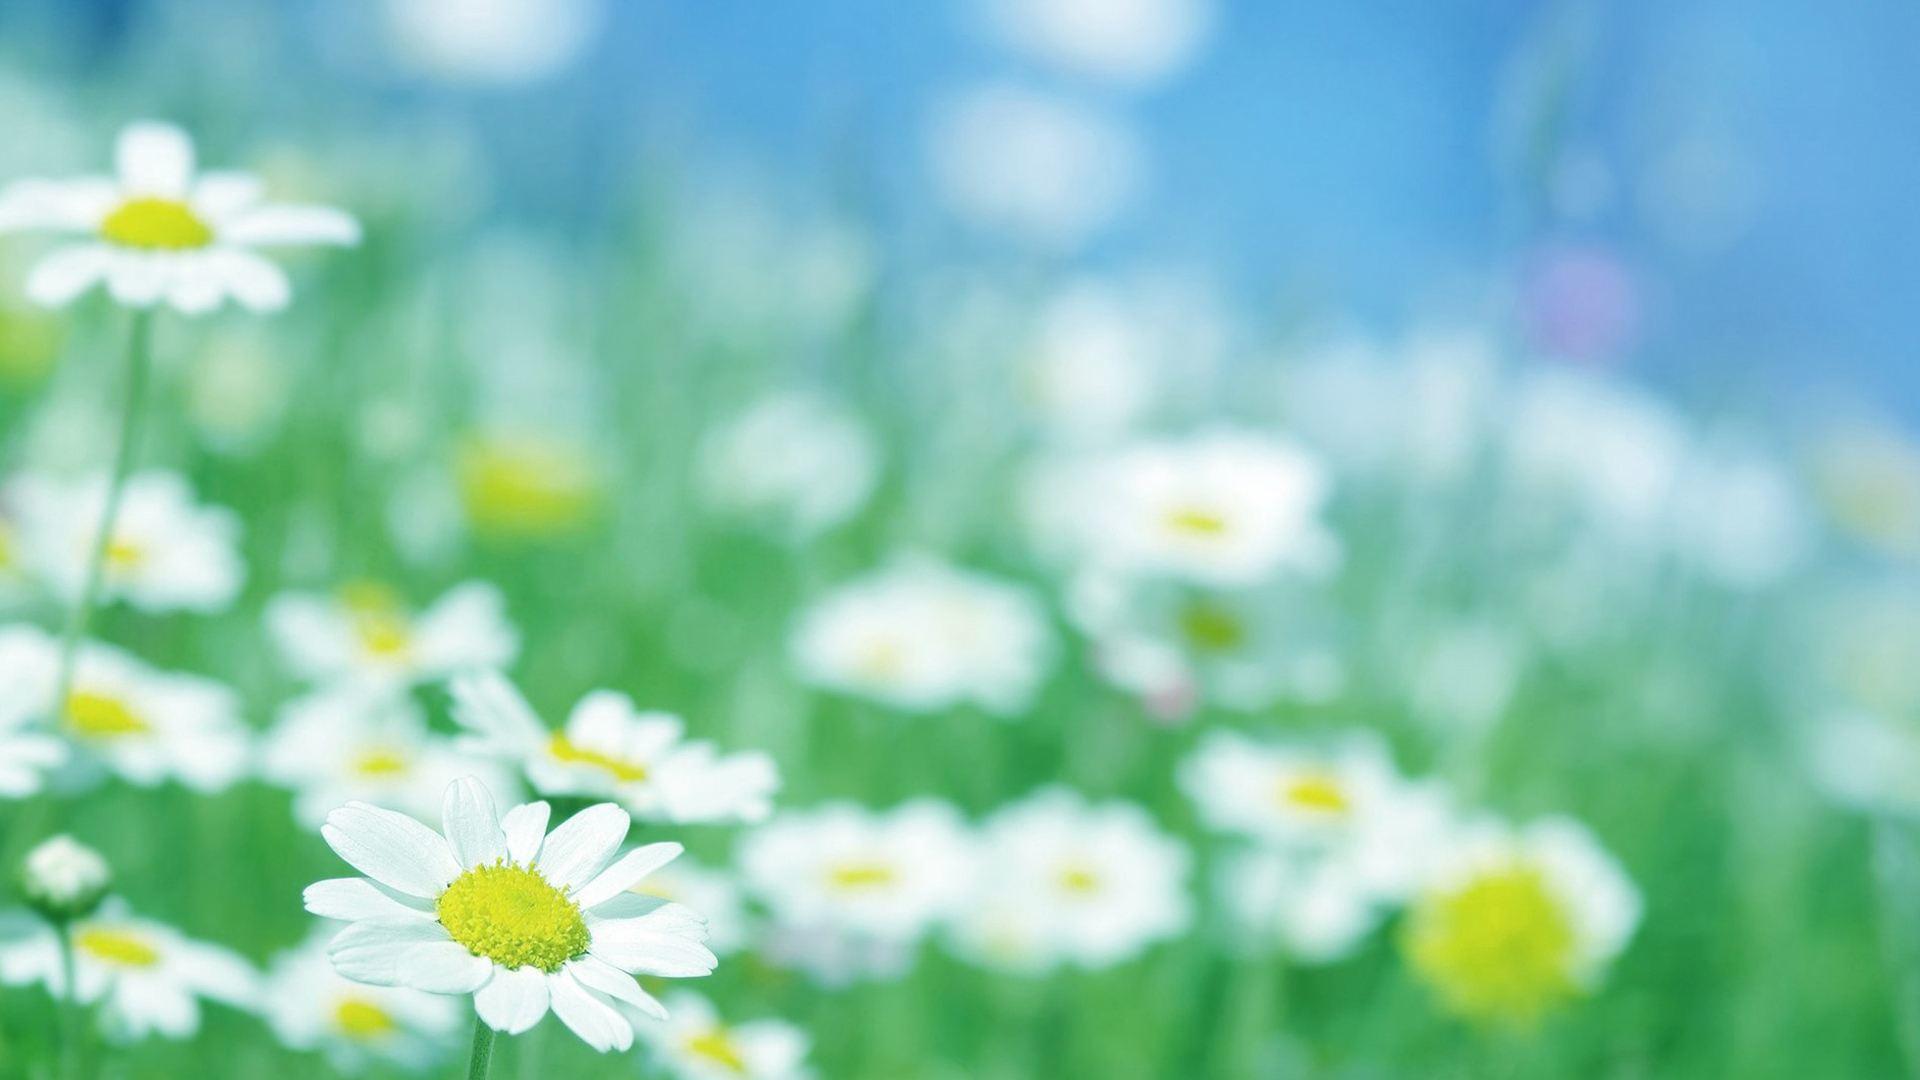 一起享受平凡生活的情感语录说说:愿平凡而善良的我们被生活温柔相待